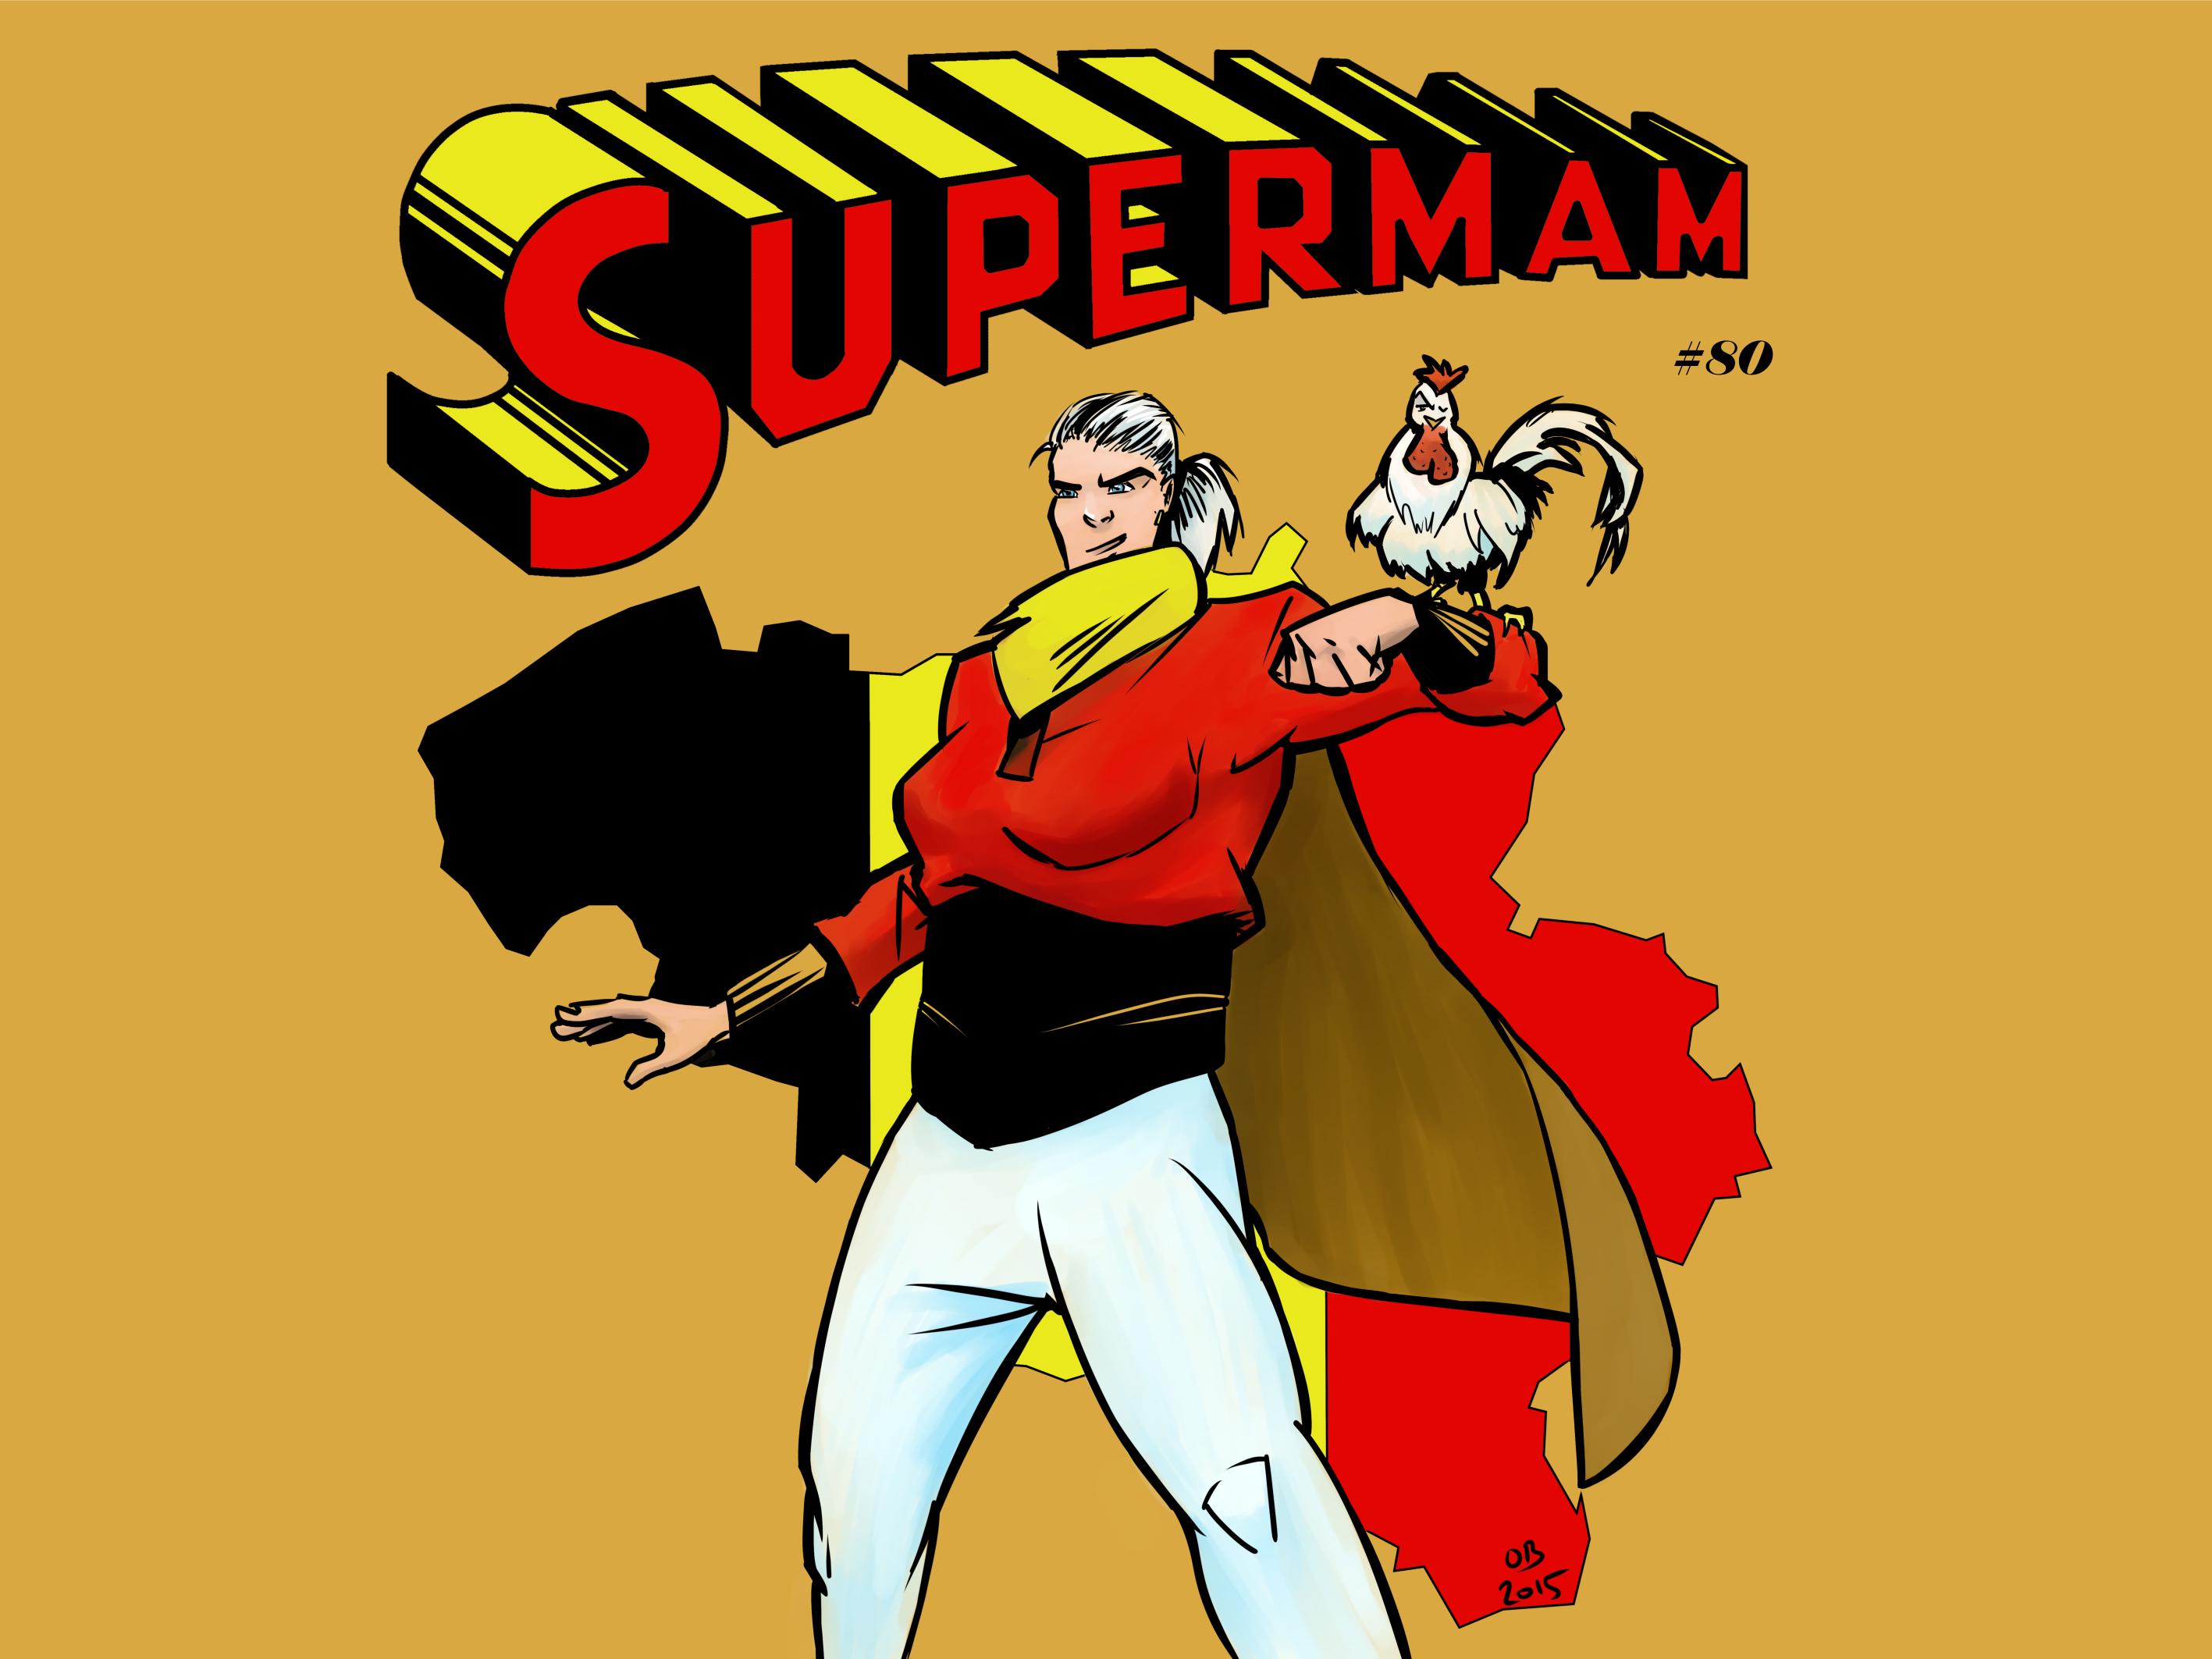 SUPERMAM!